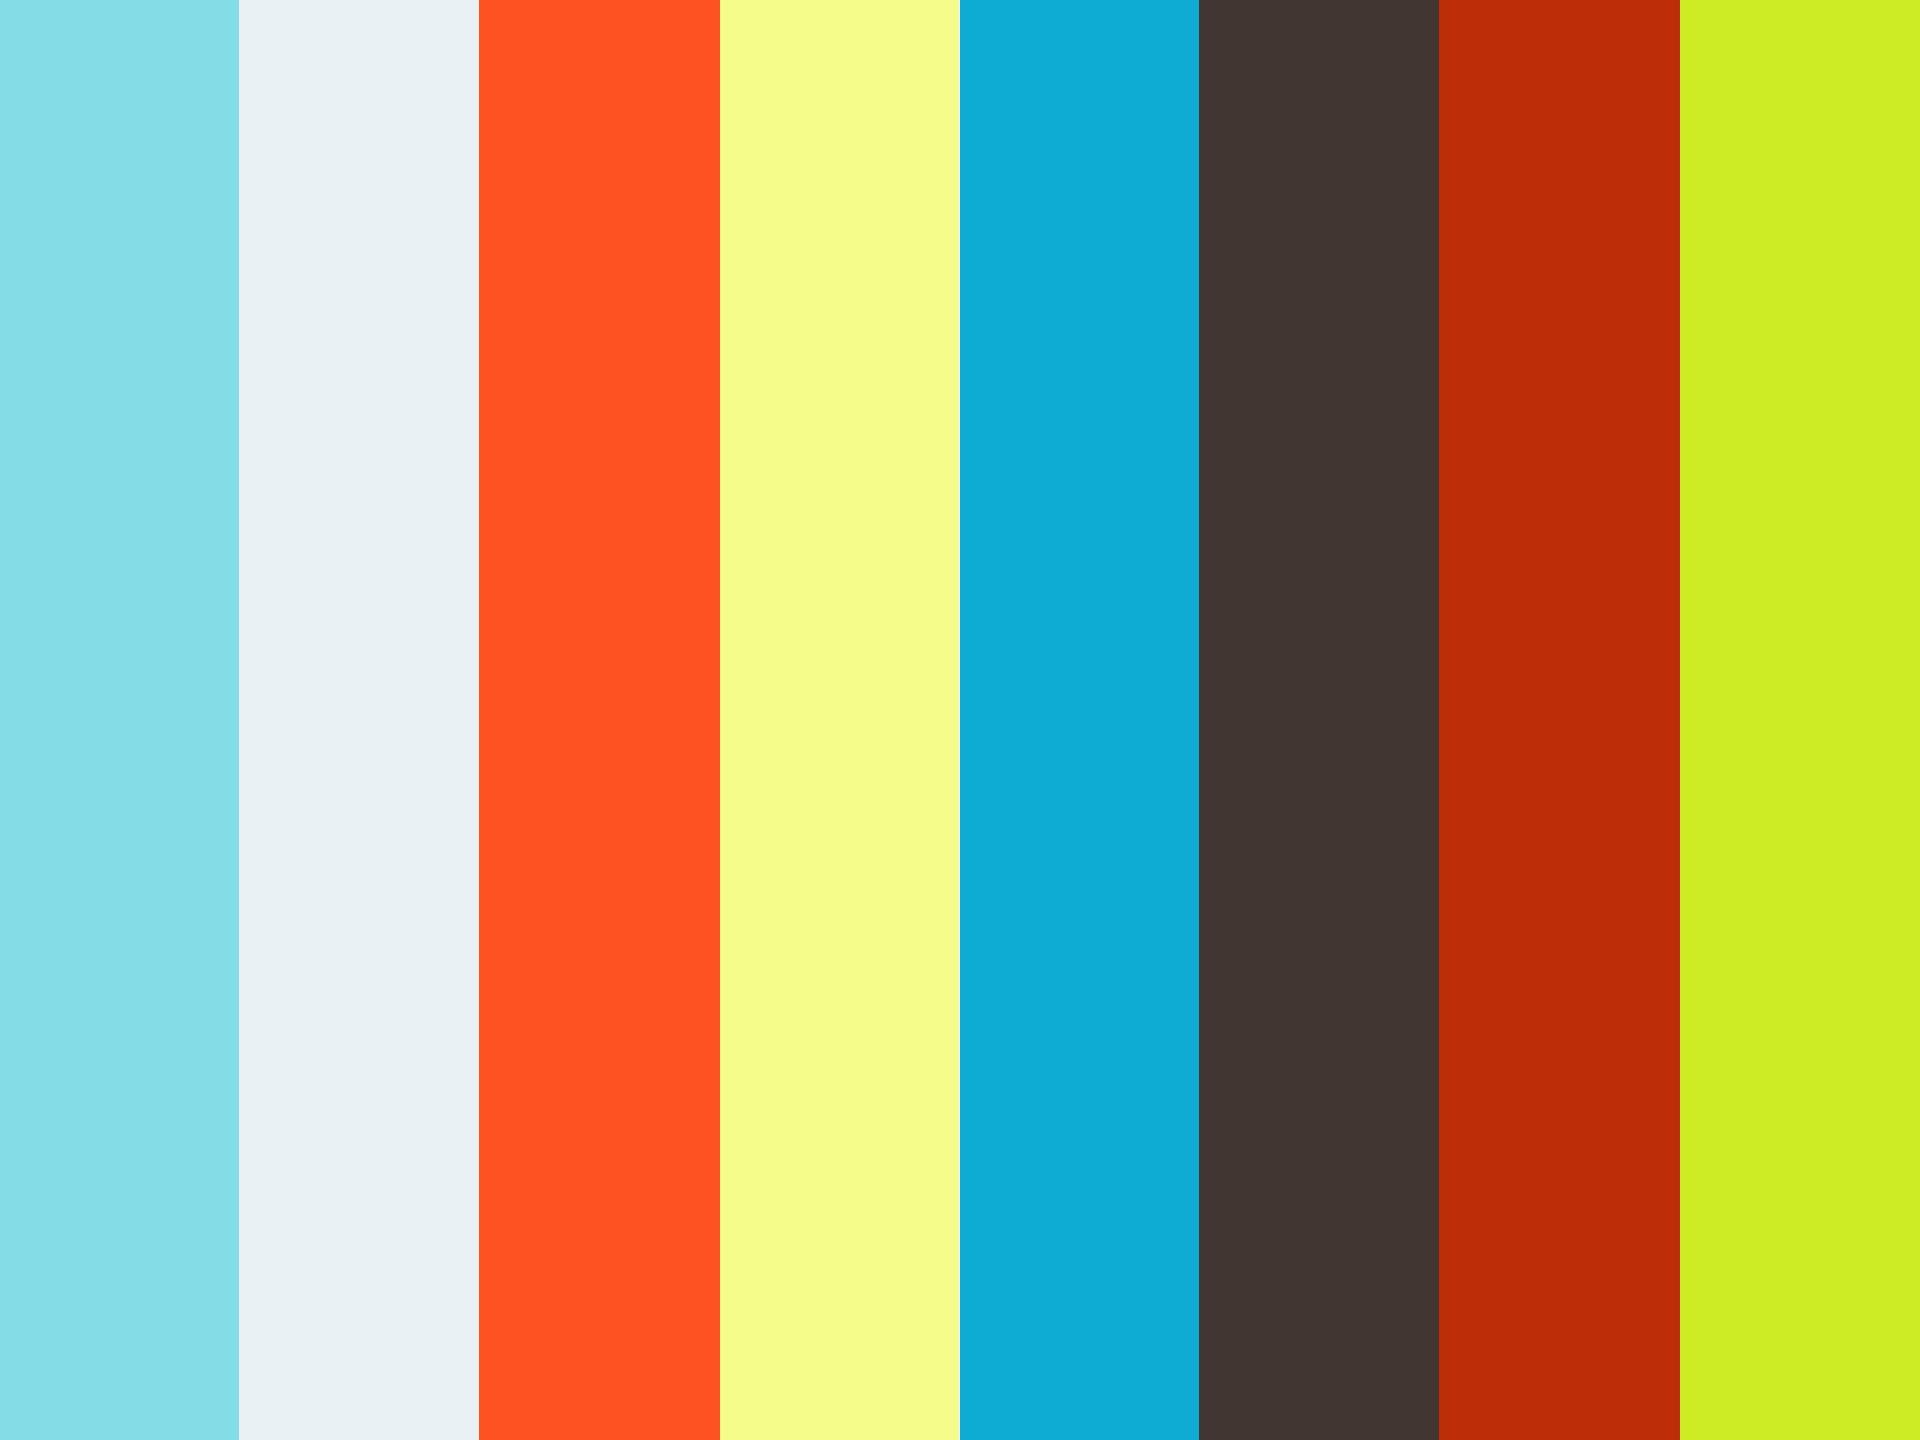 MERCEDES BENZ GT 63s - BLUE - 2020